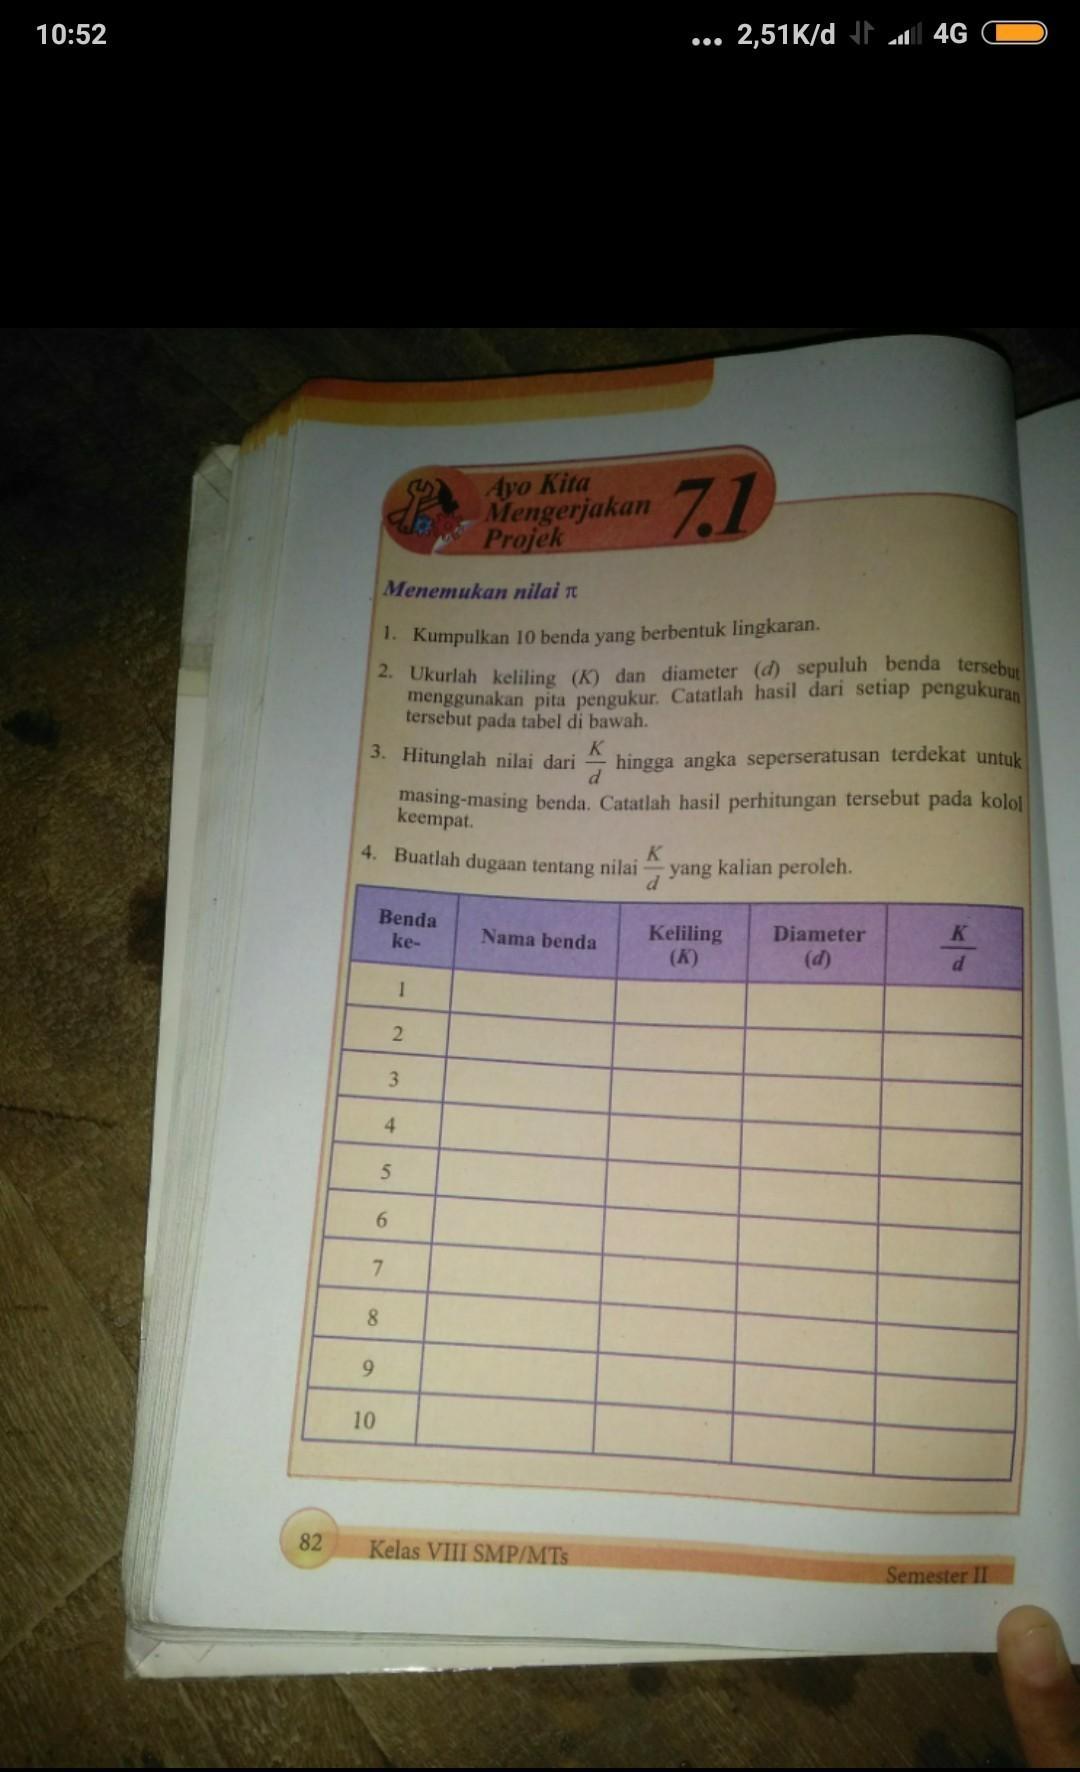 Pliss Bantu Jawab Dengan Benar Yah Lt Br Gt Materi Kelas 8 Semester 2 Halaman 82 Proyek 7 1 Brainly Co Id